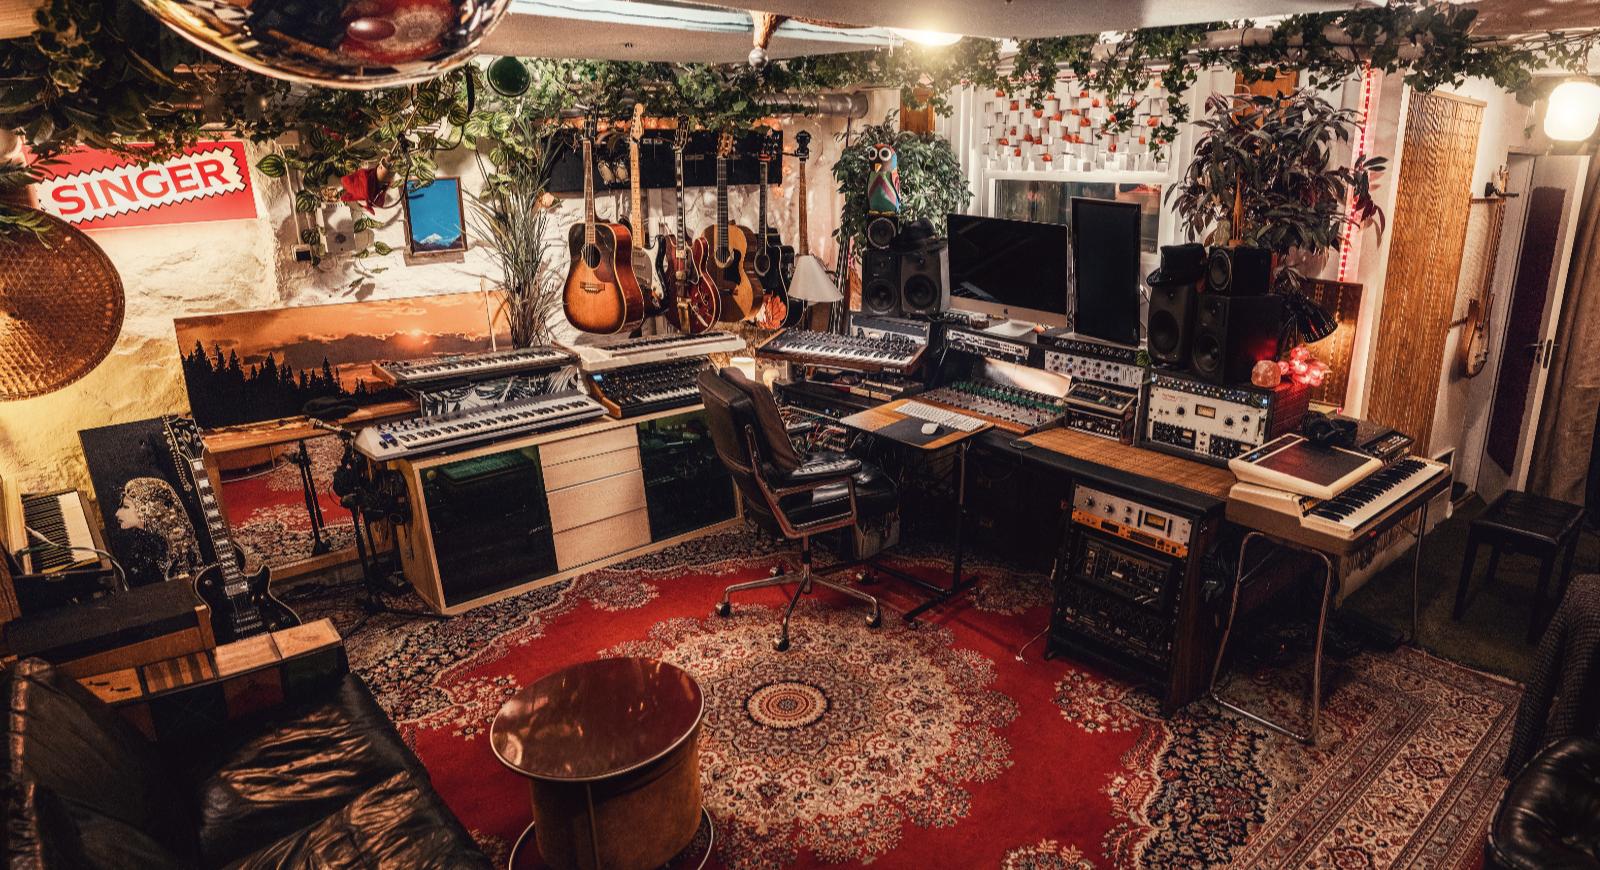 Sonika Studios källarlokal på Bondegatan 6, på Söder i Stockholm. Foto: Kenny Jonson.